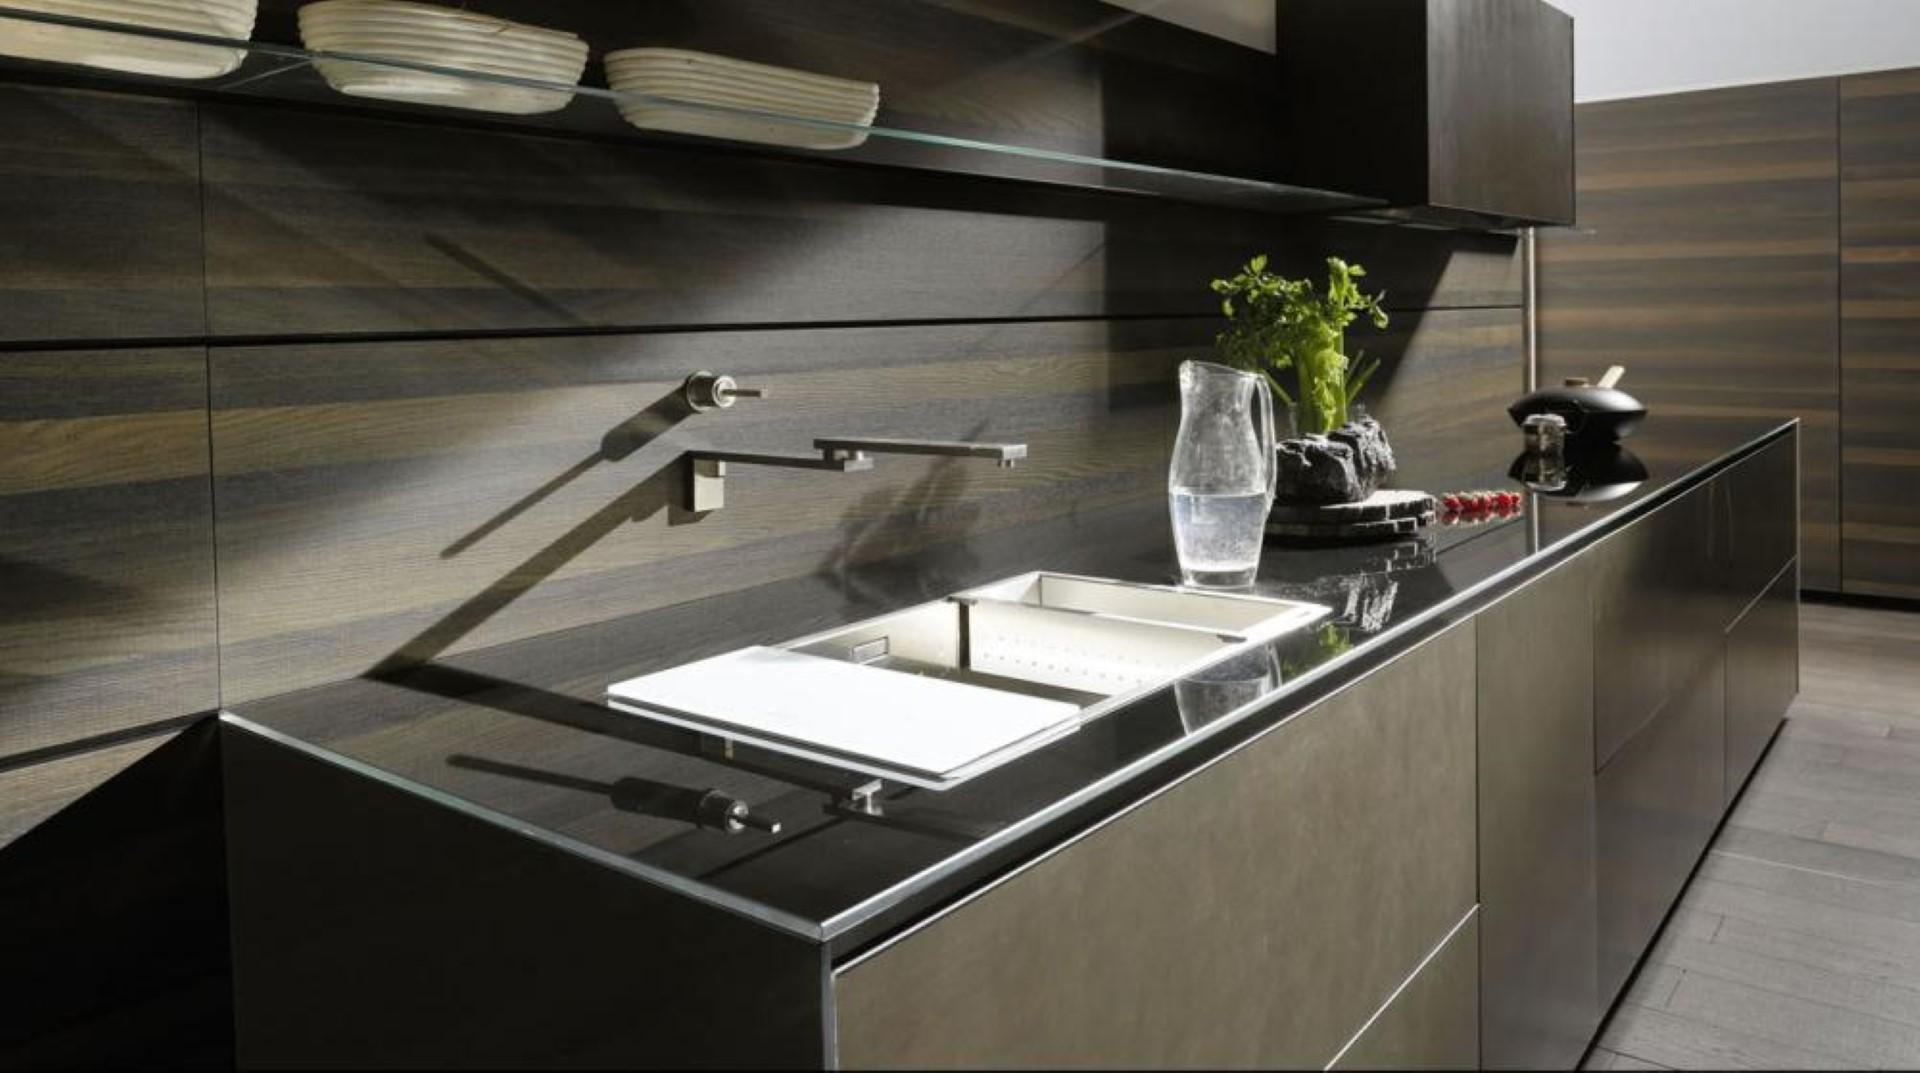 Cucine moderne valcucine ernestomeda vitale arredamenti for Valcucine prezzi